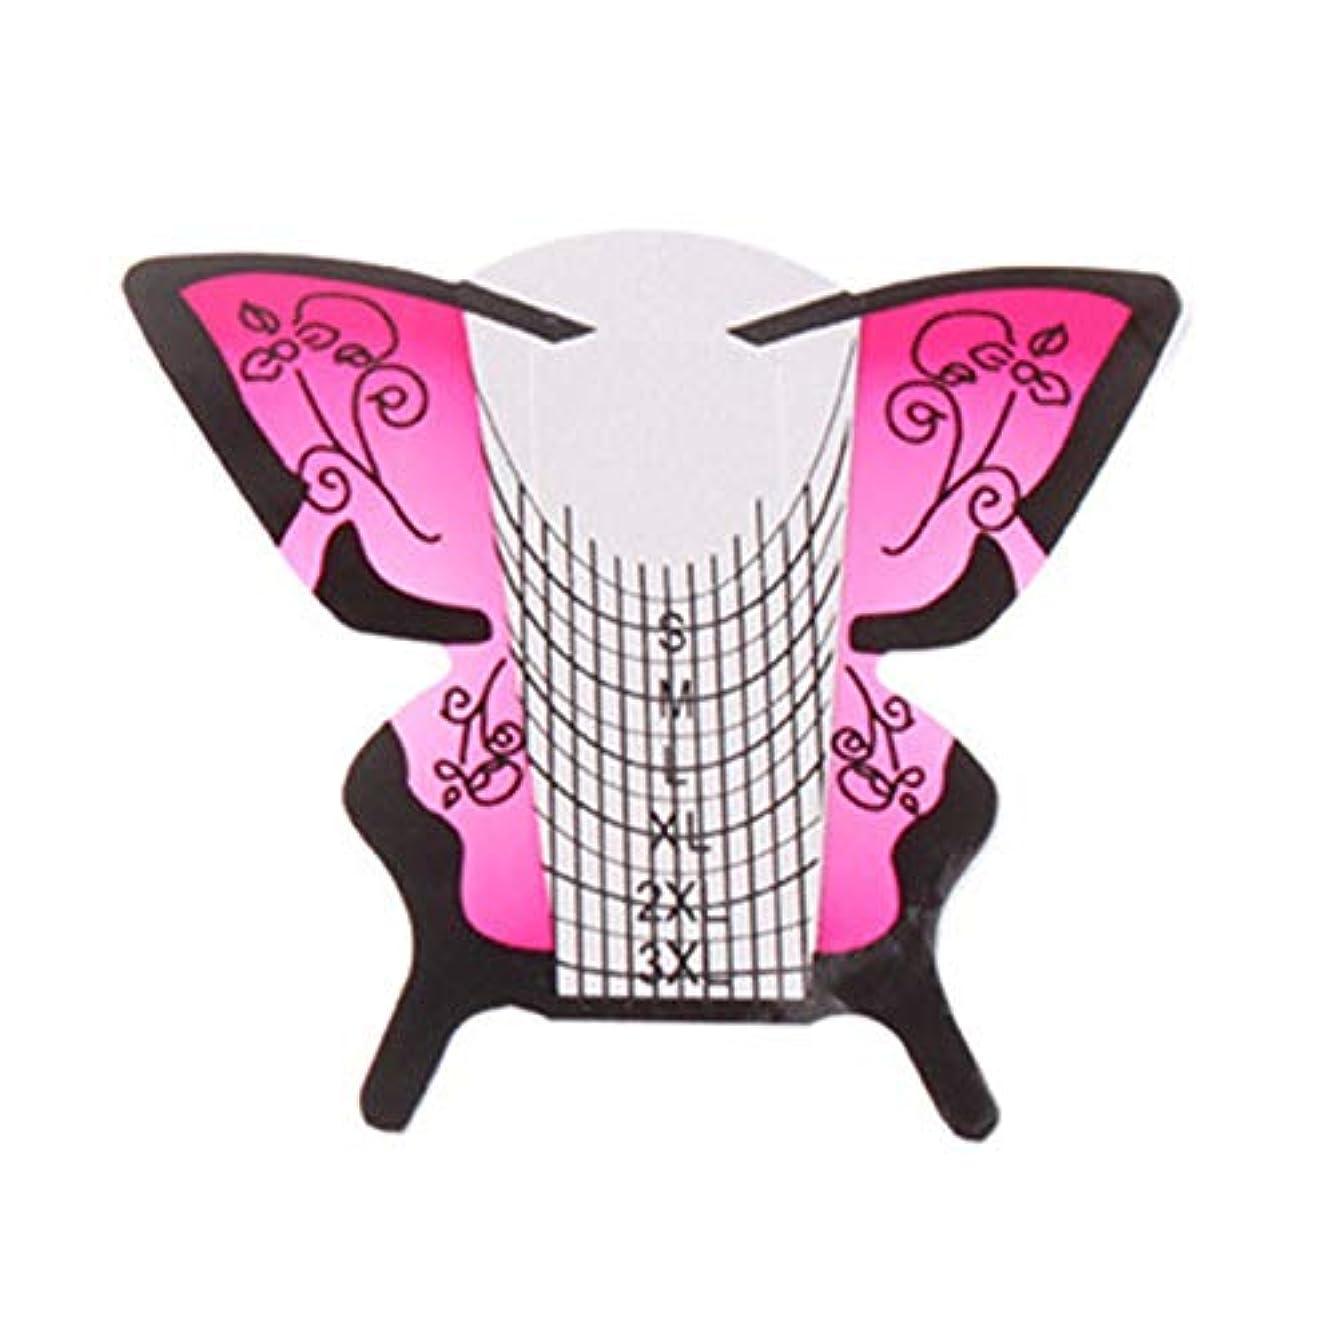 乳剤補償研究Gaoominy 300個/ロール ネイルアートフォーム蝶彫刻のヒントステッカーガイド拡張アクリルUVジェルツール 給紙トレイB